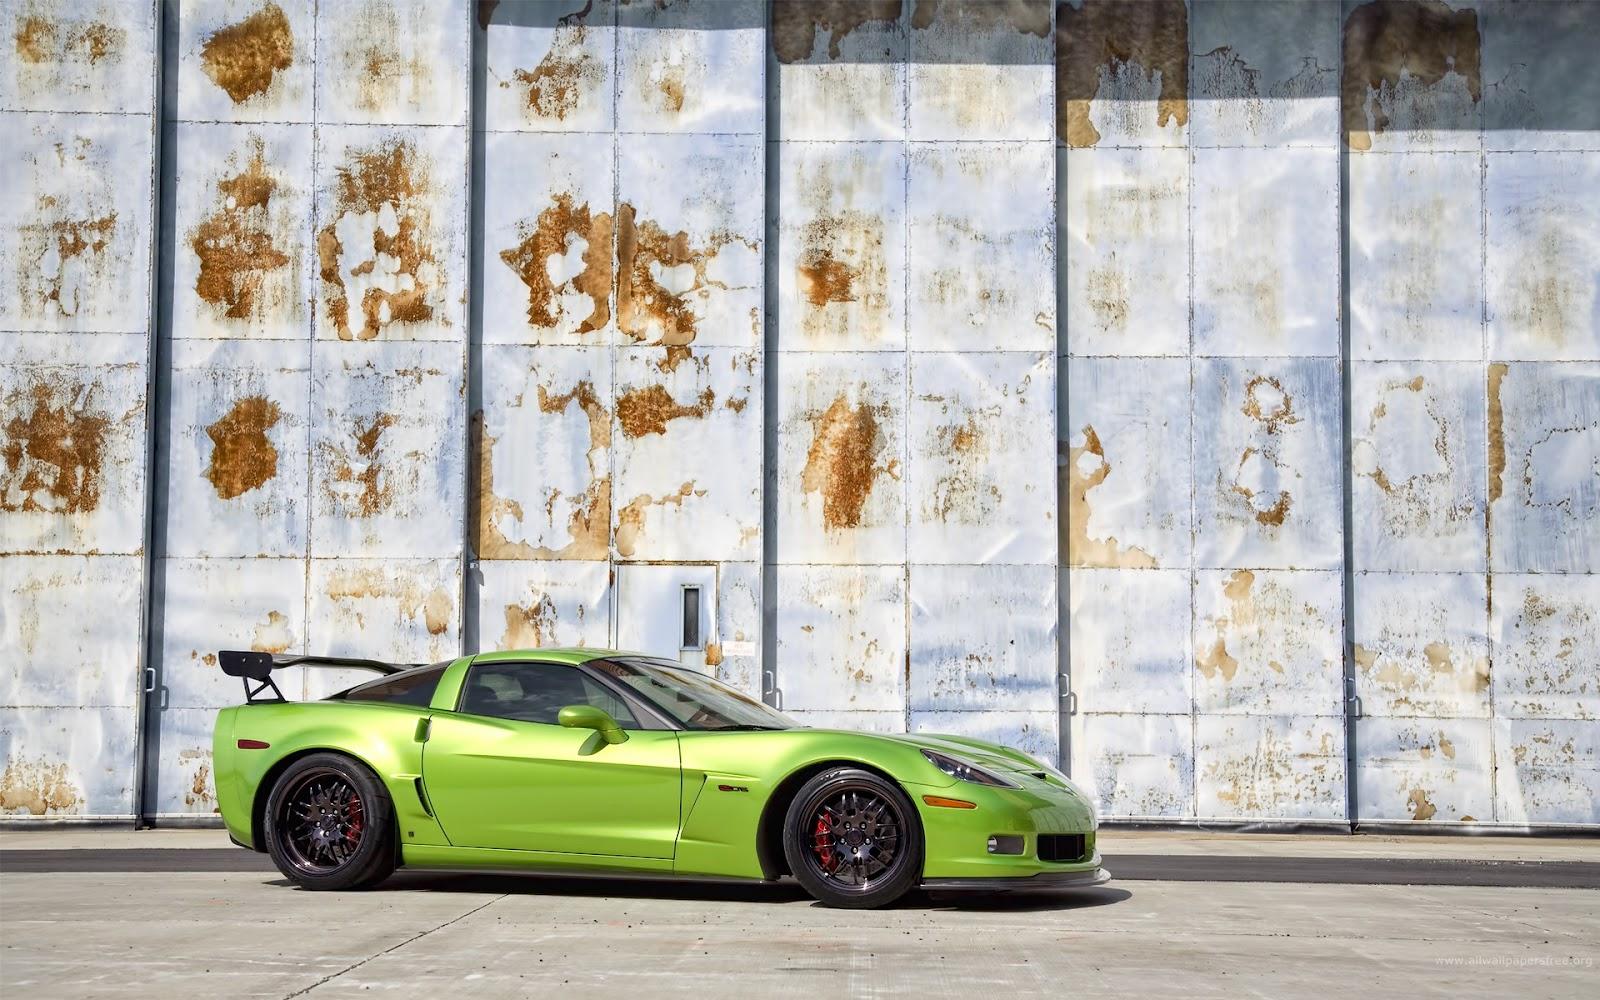 http://4.bp.blogspot.com/-8GU48yw6-rE/T-2PAENX85I/AAAAAAAAAgg/Z7oEMcyKKBs/s1600/chevrolet+corvette+z06+%284%29.jpg